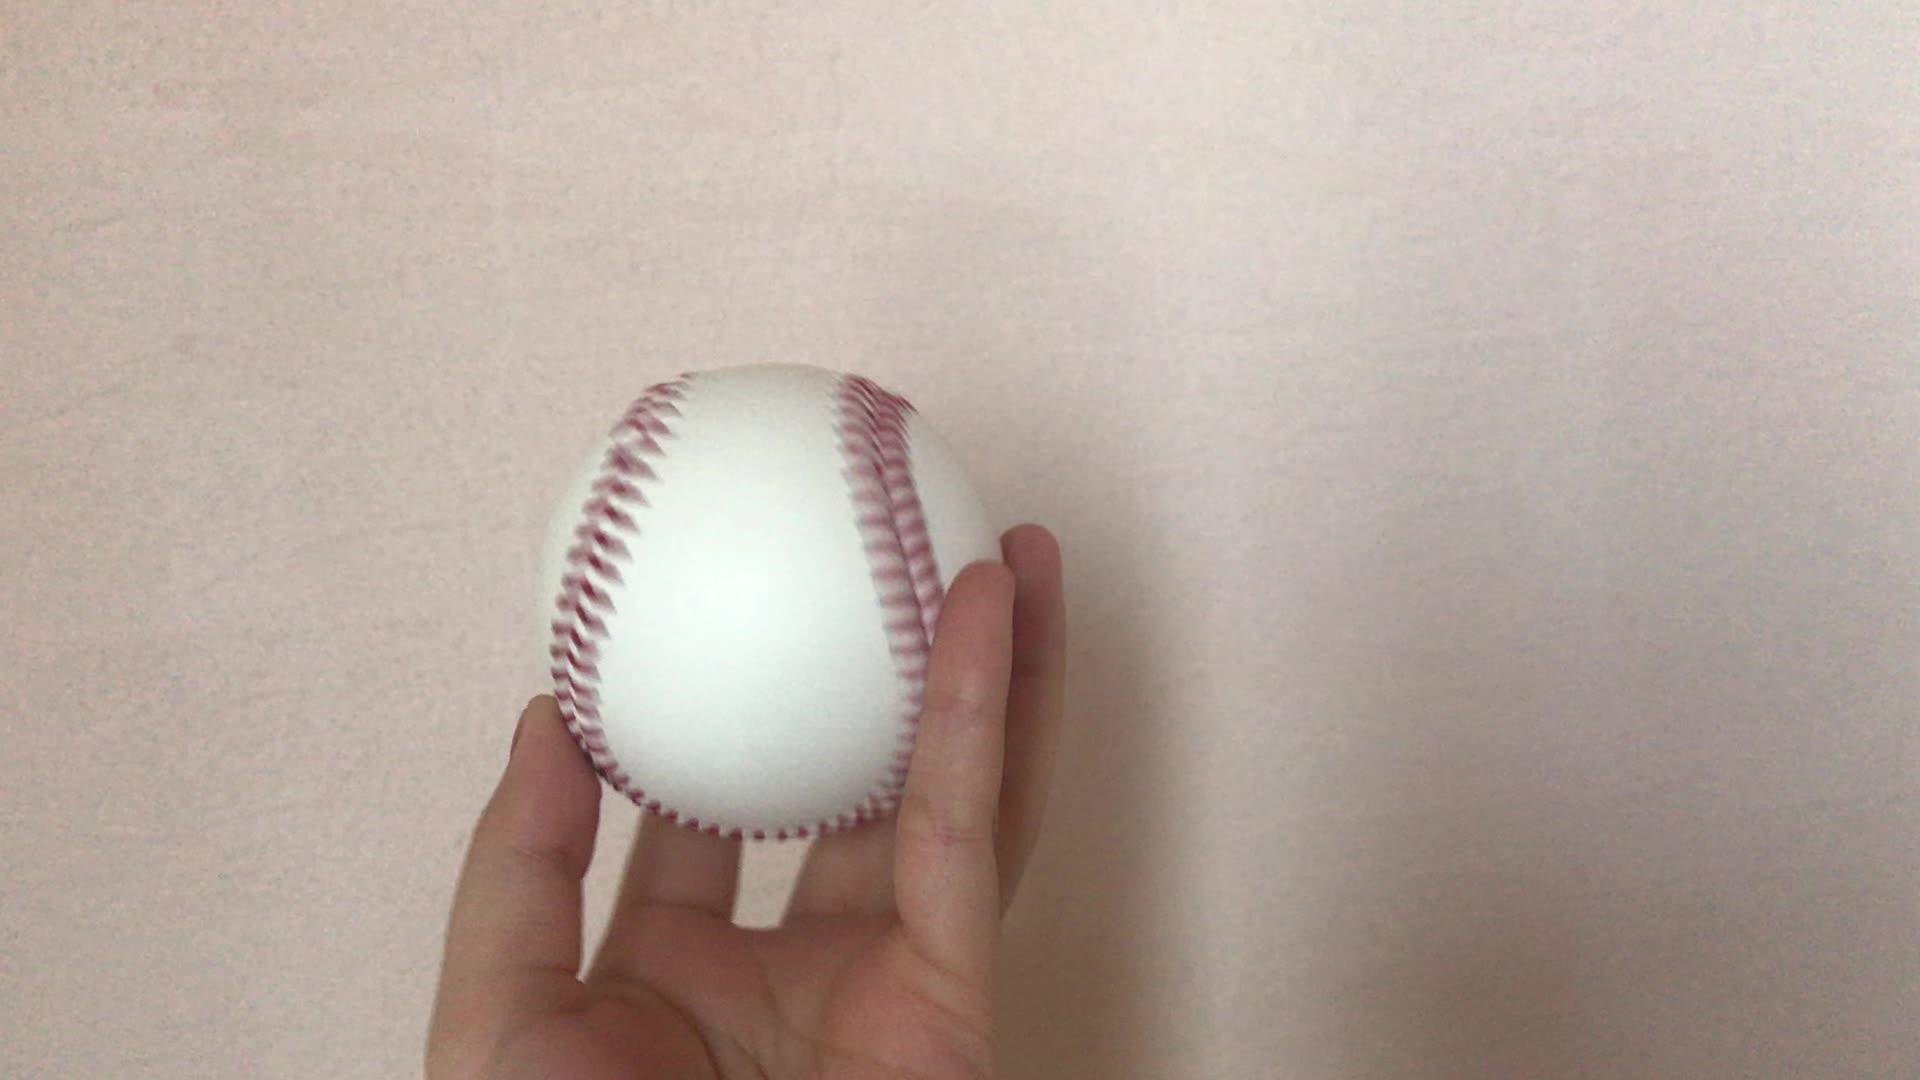 Softball amarelo Em Branco Mini Bolas De Couro